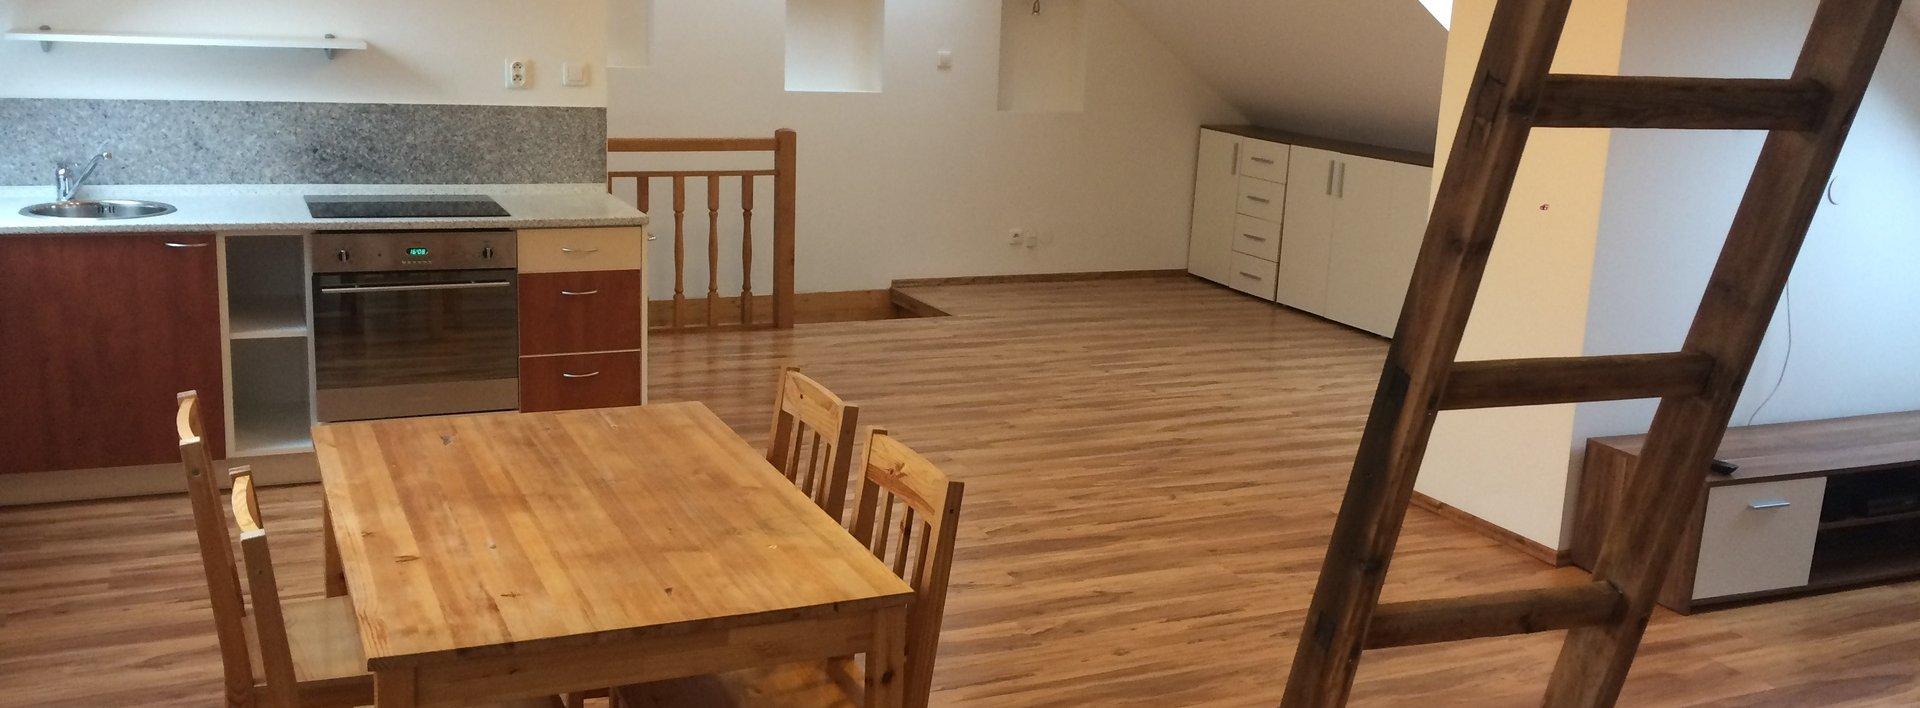 Pronájem zařízeného atypického bytu, 77 m² s parkováním a zahradou - Liberec, Nové Město, Rámový Vršek, Ev.č.: N49360